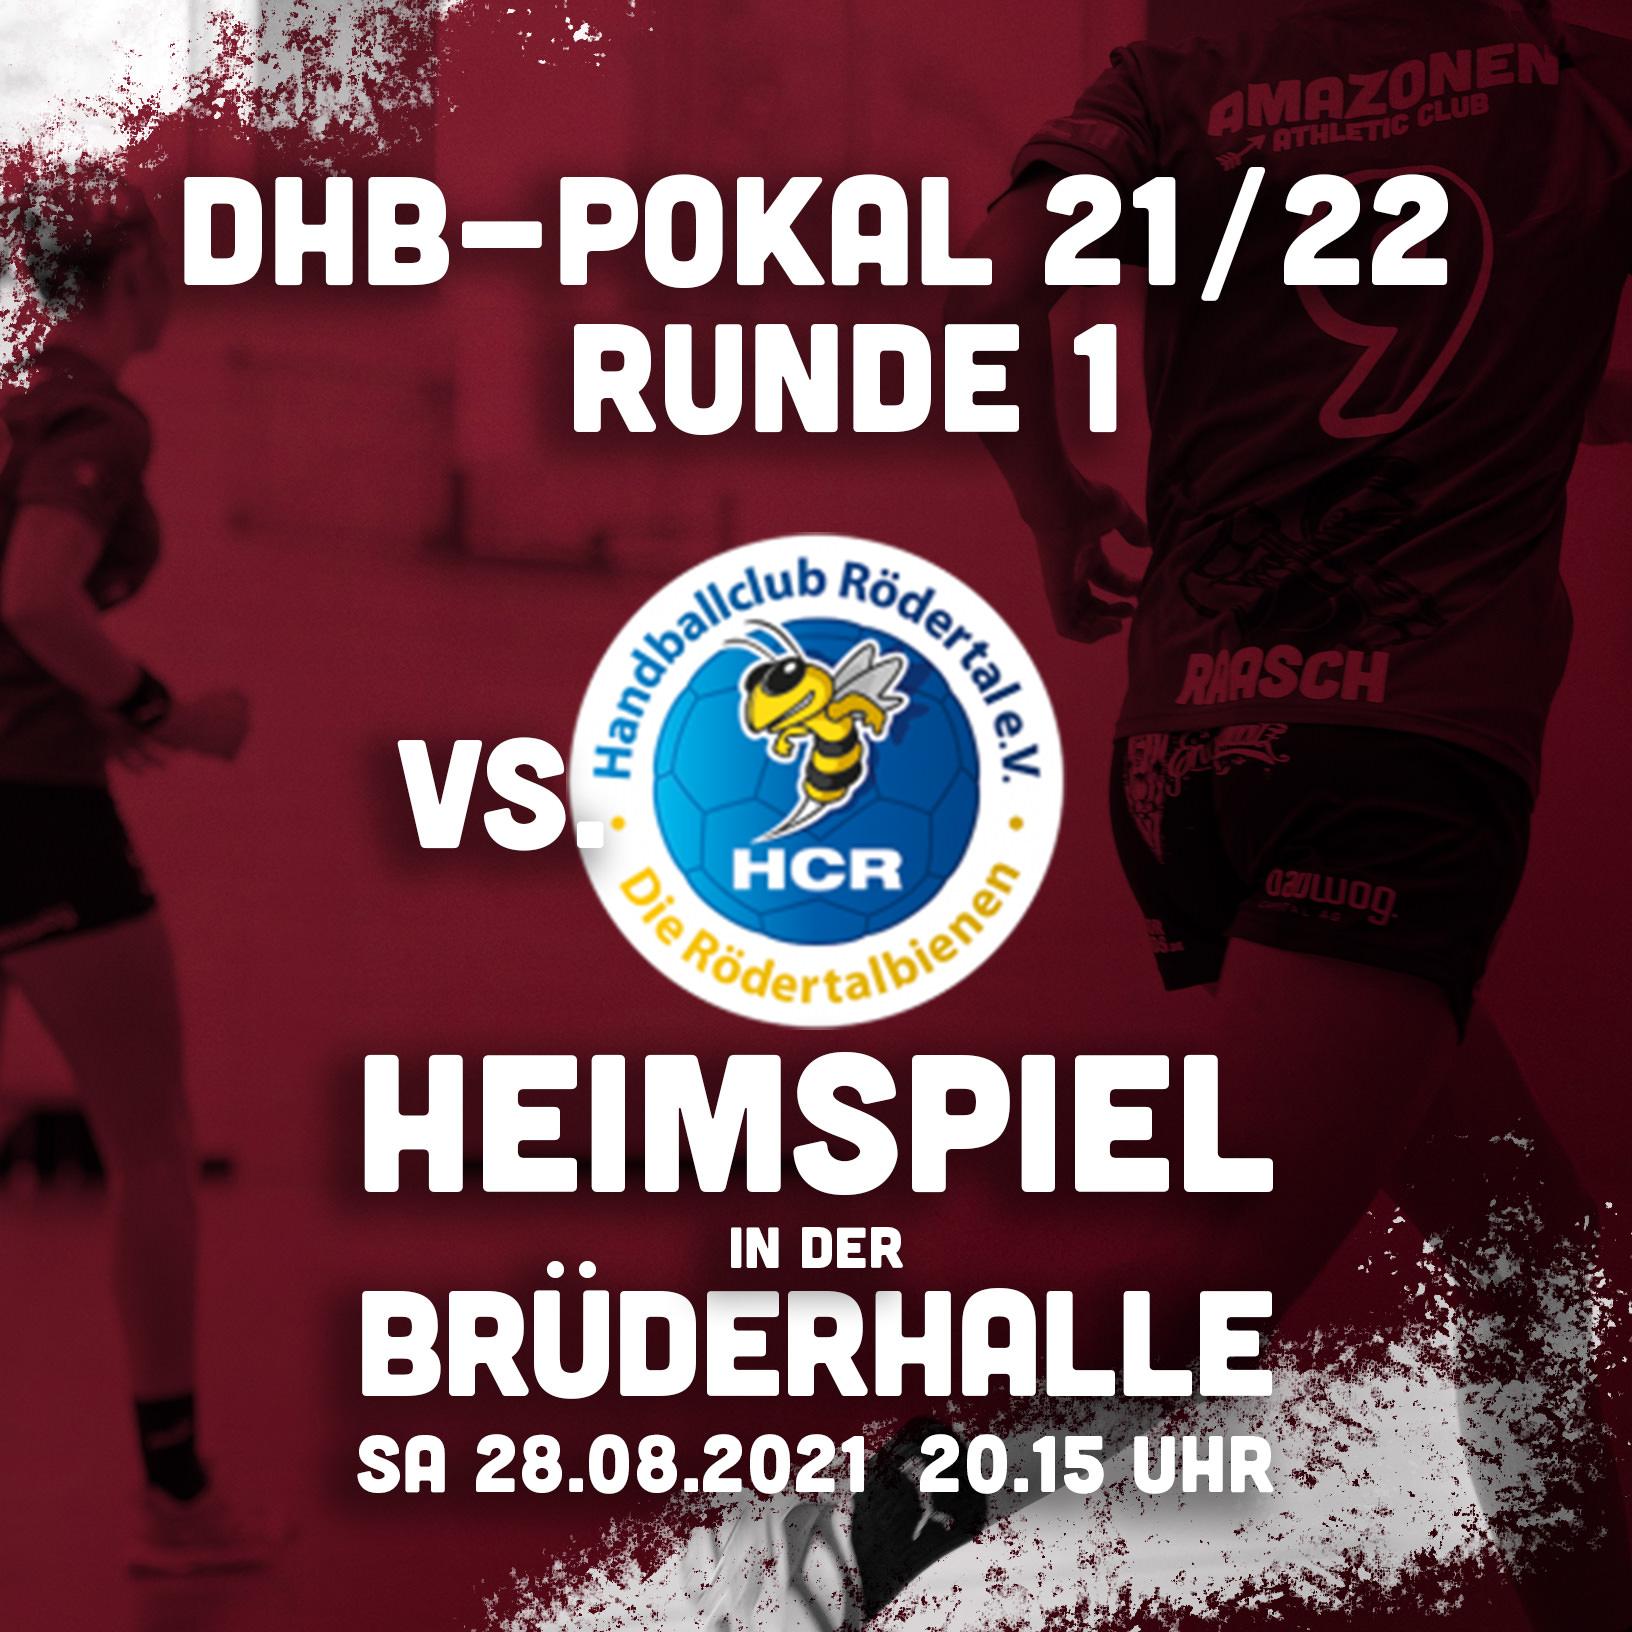 AAC vs Handballclub Rödertal e.V.